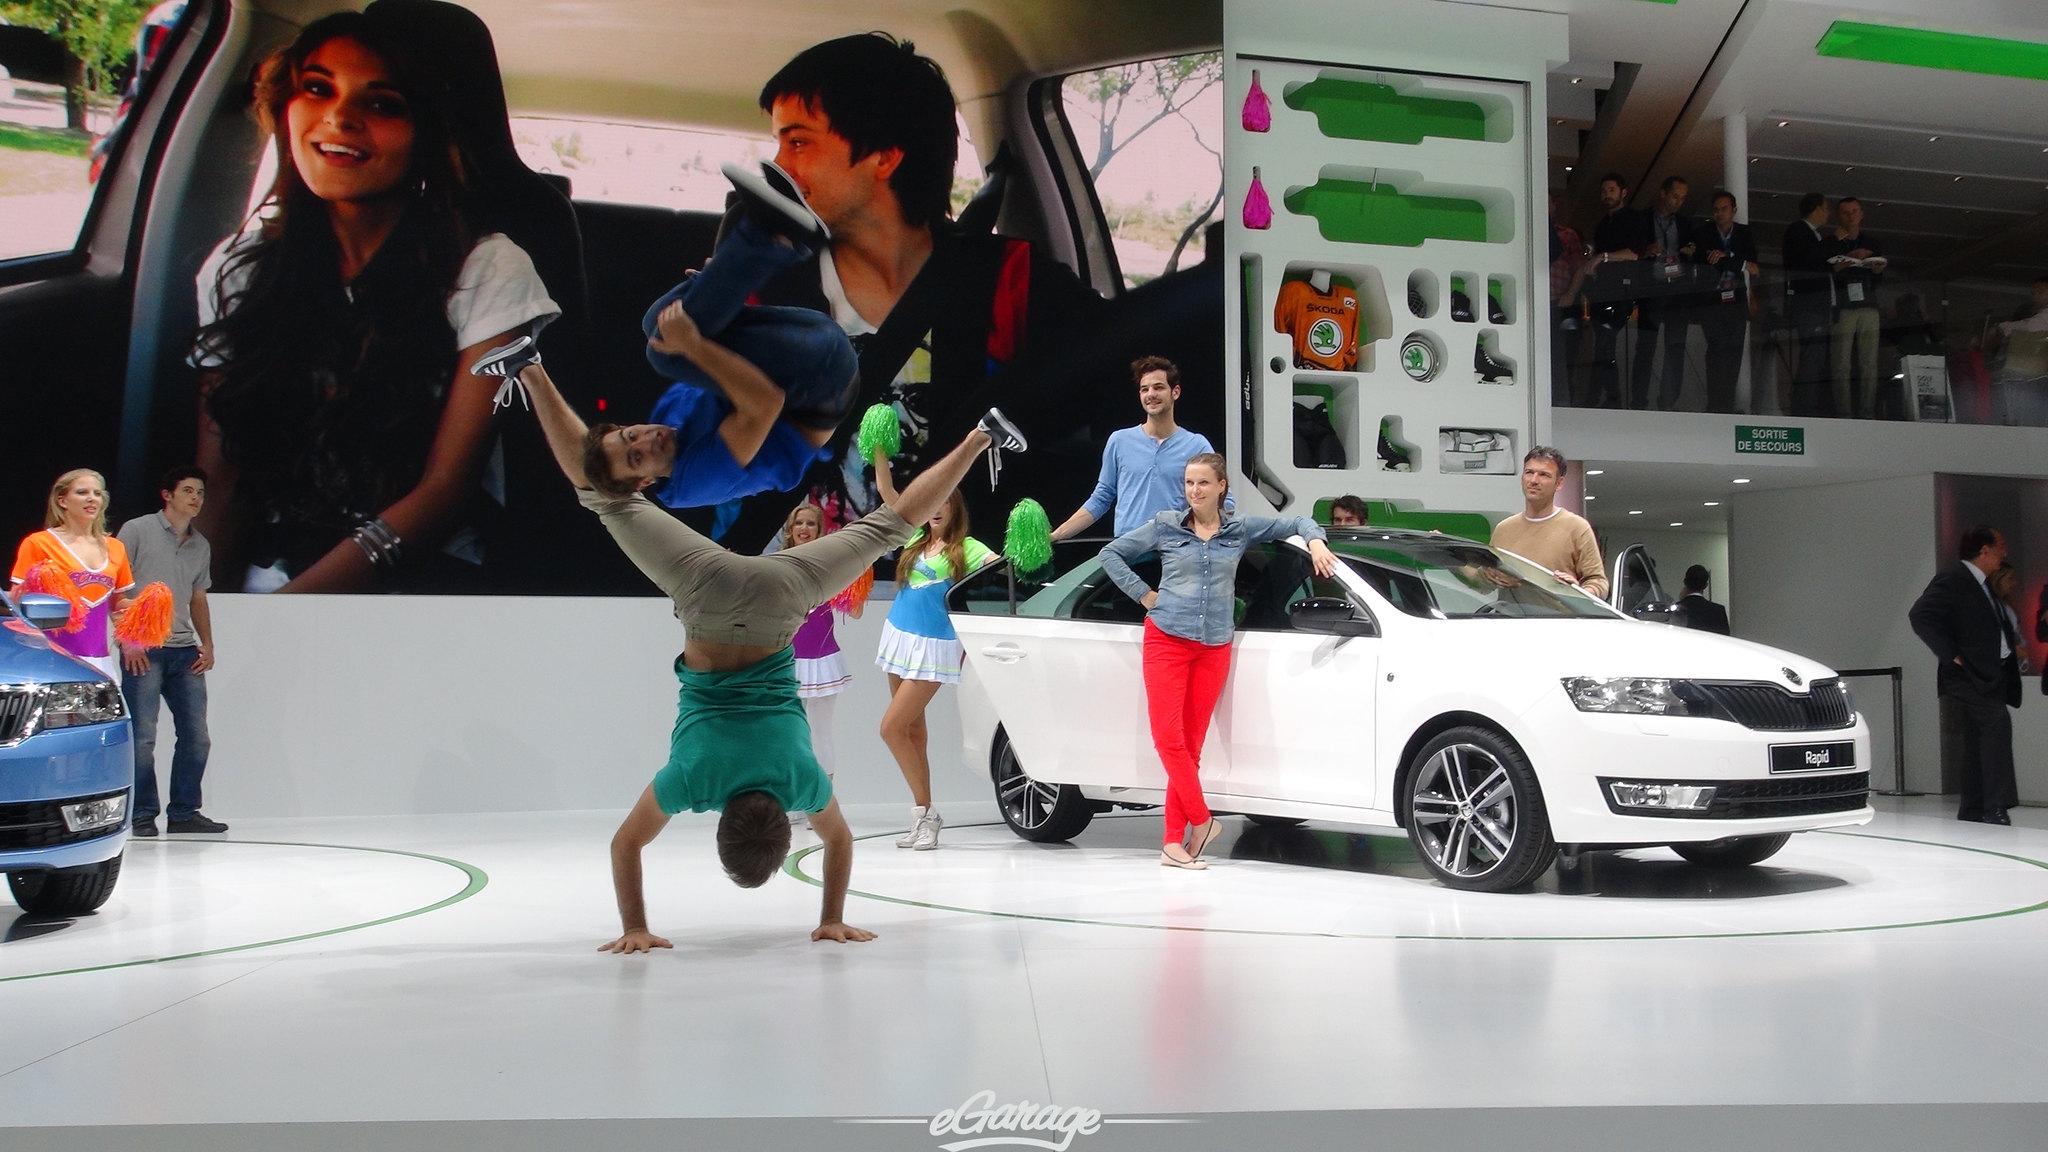 8030427367 4801d7a39b k 2012 Paris Motor Show